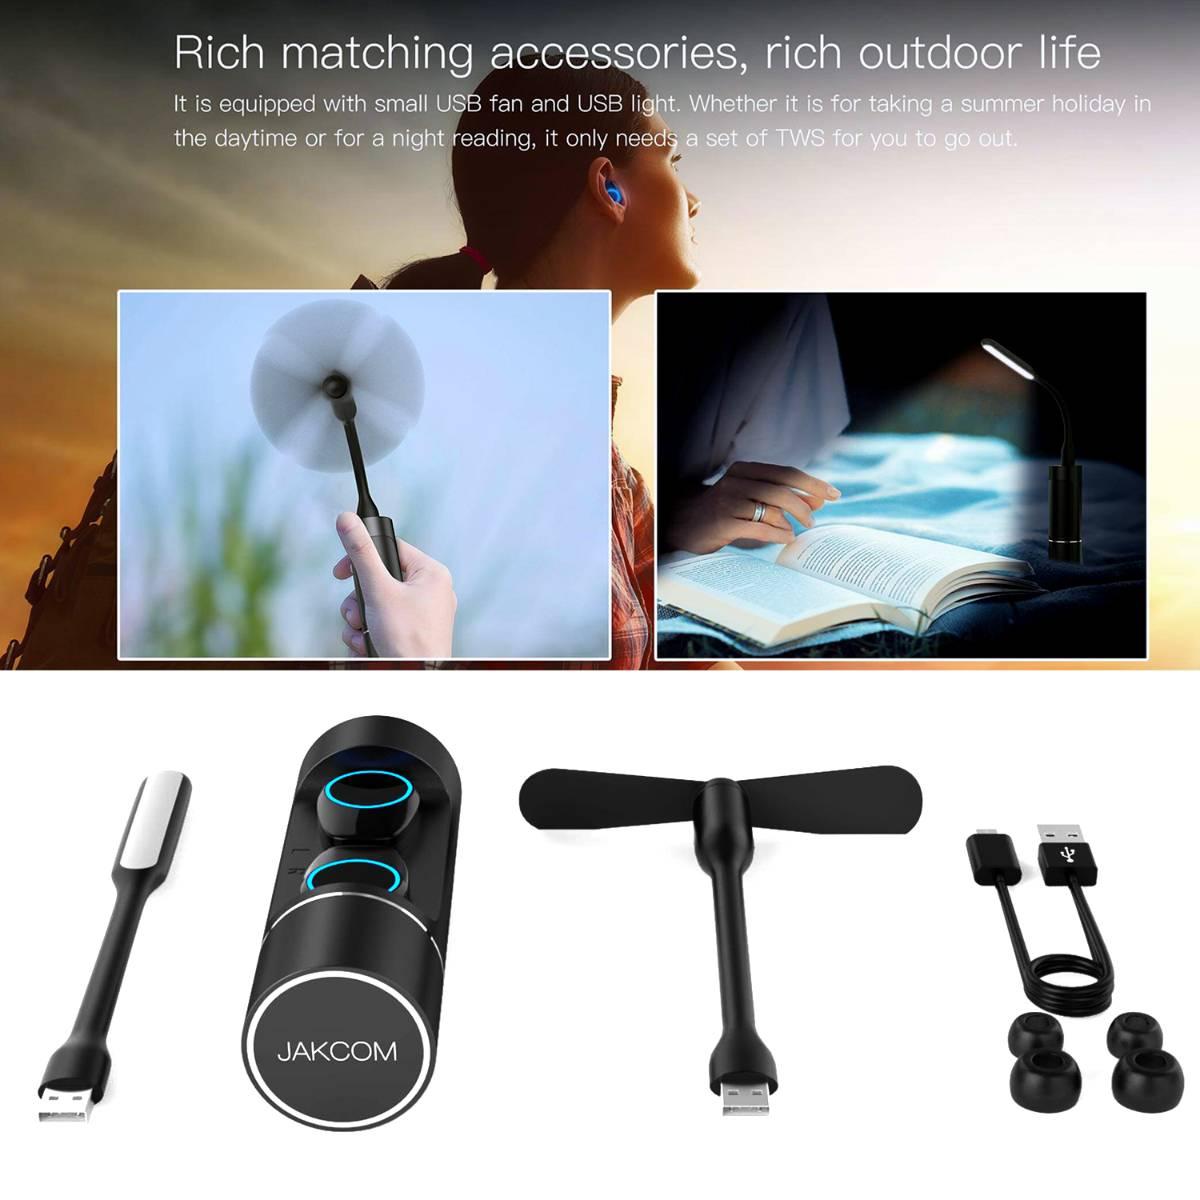 Jakcom TWS Multifunctional Smart True Wireless Headset Pintar Earphone4